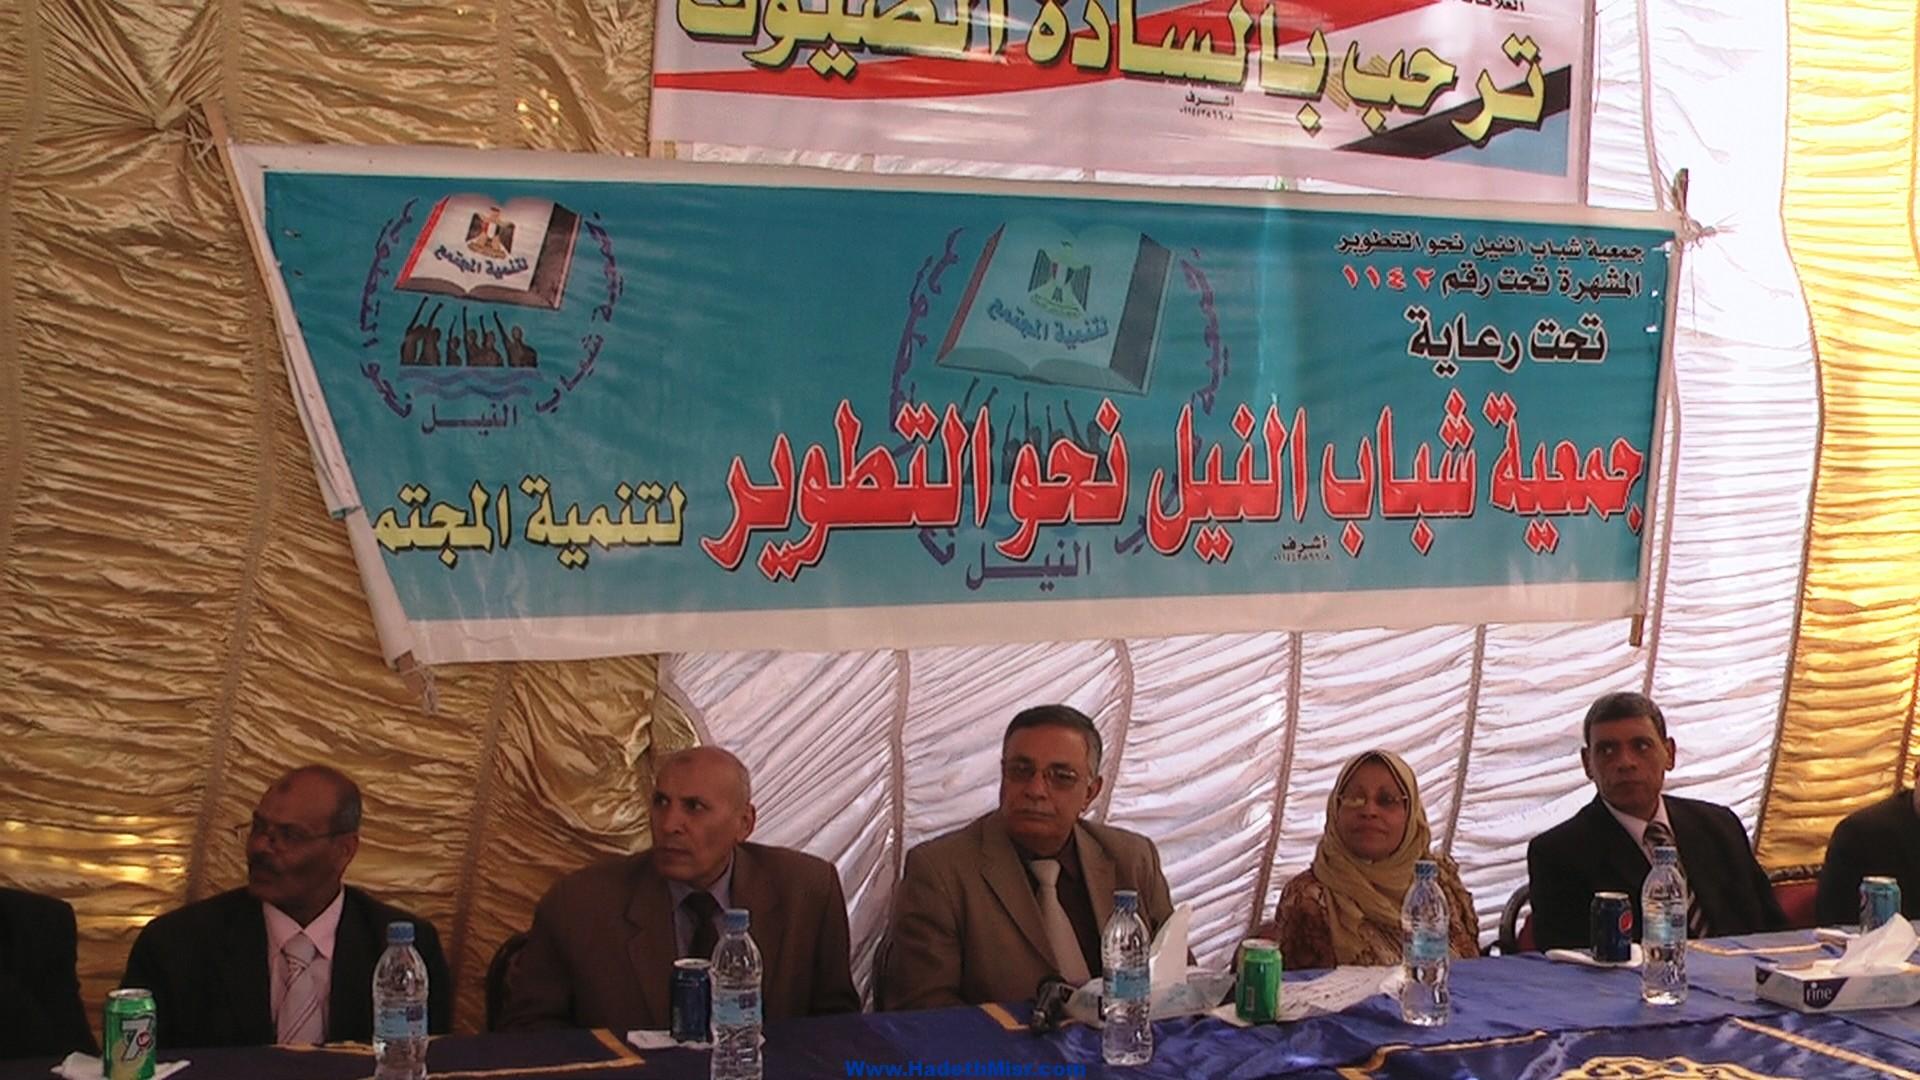 بالصور …محافظ سوهاج يشهد حفل جمعية شباب النيل السنوي